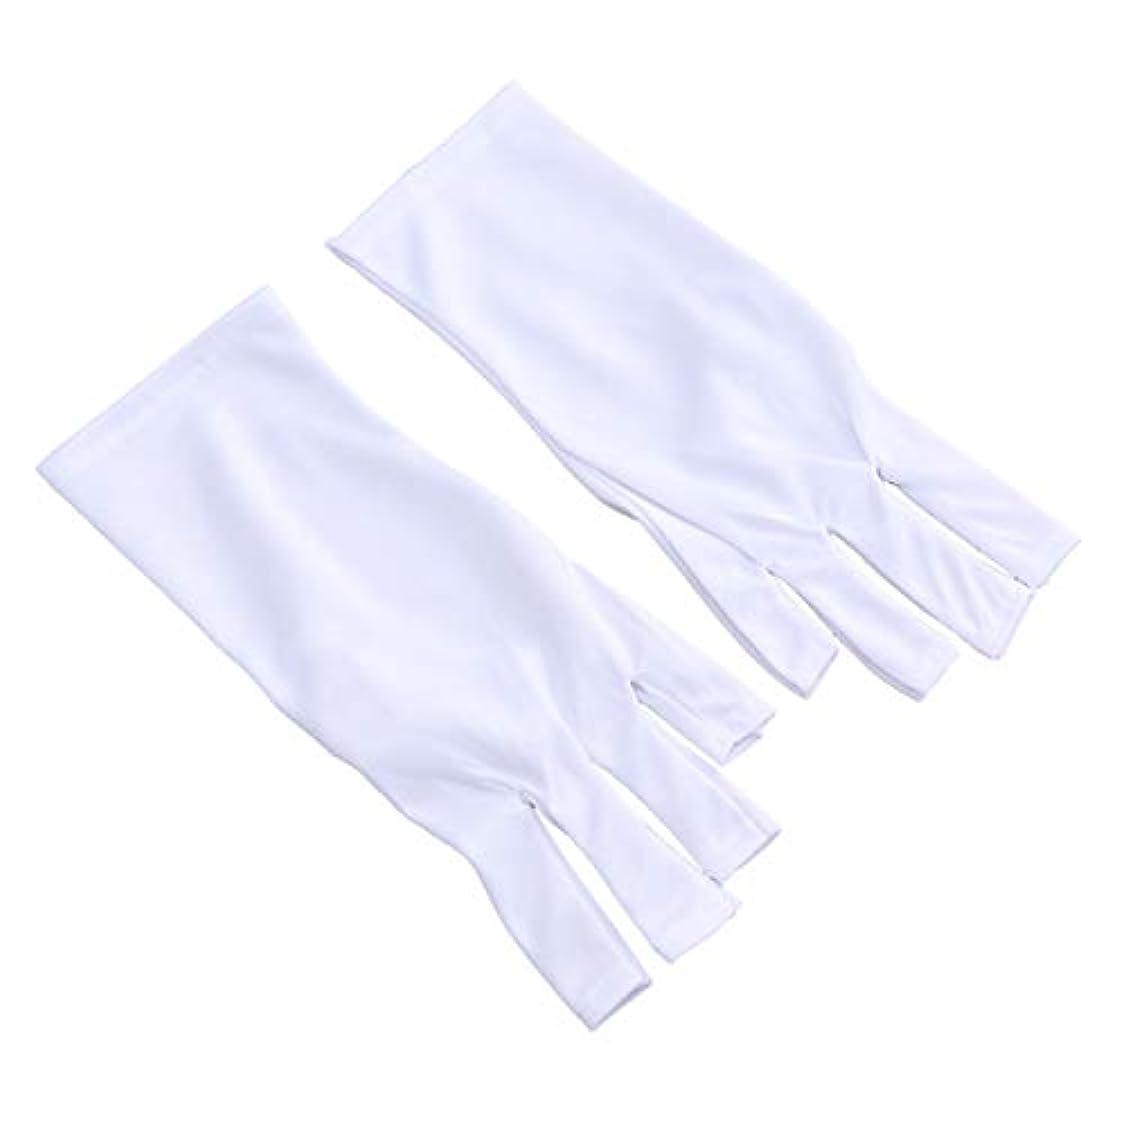 元気なスキル強打Frcolor 抗uv手袋 ネイル 手袋 ネイルアート グローブ ジェルネイル用 紫外線防止 マニキュアドライヤーツール 2ペア(25cm ショートホワイトUVグローブ)